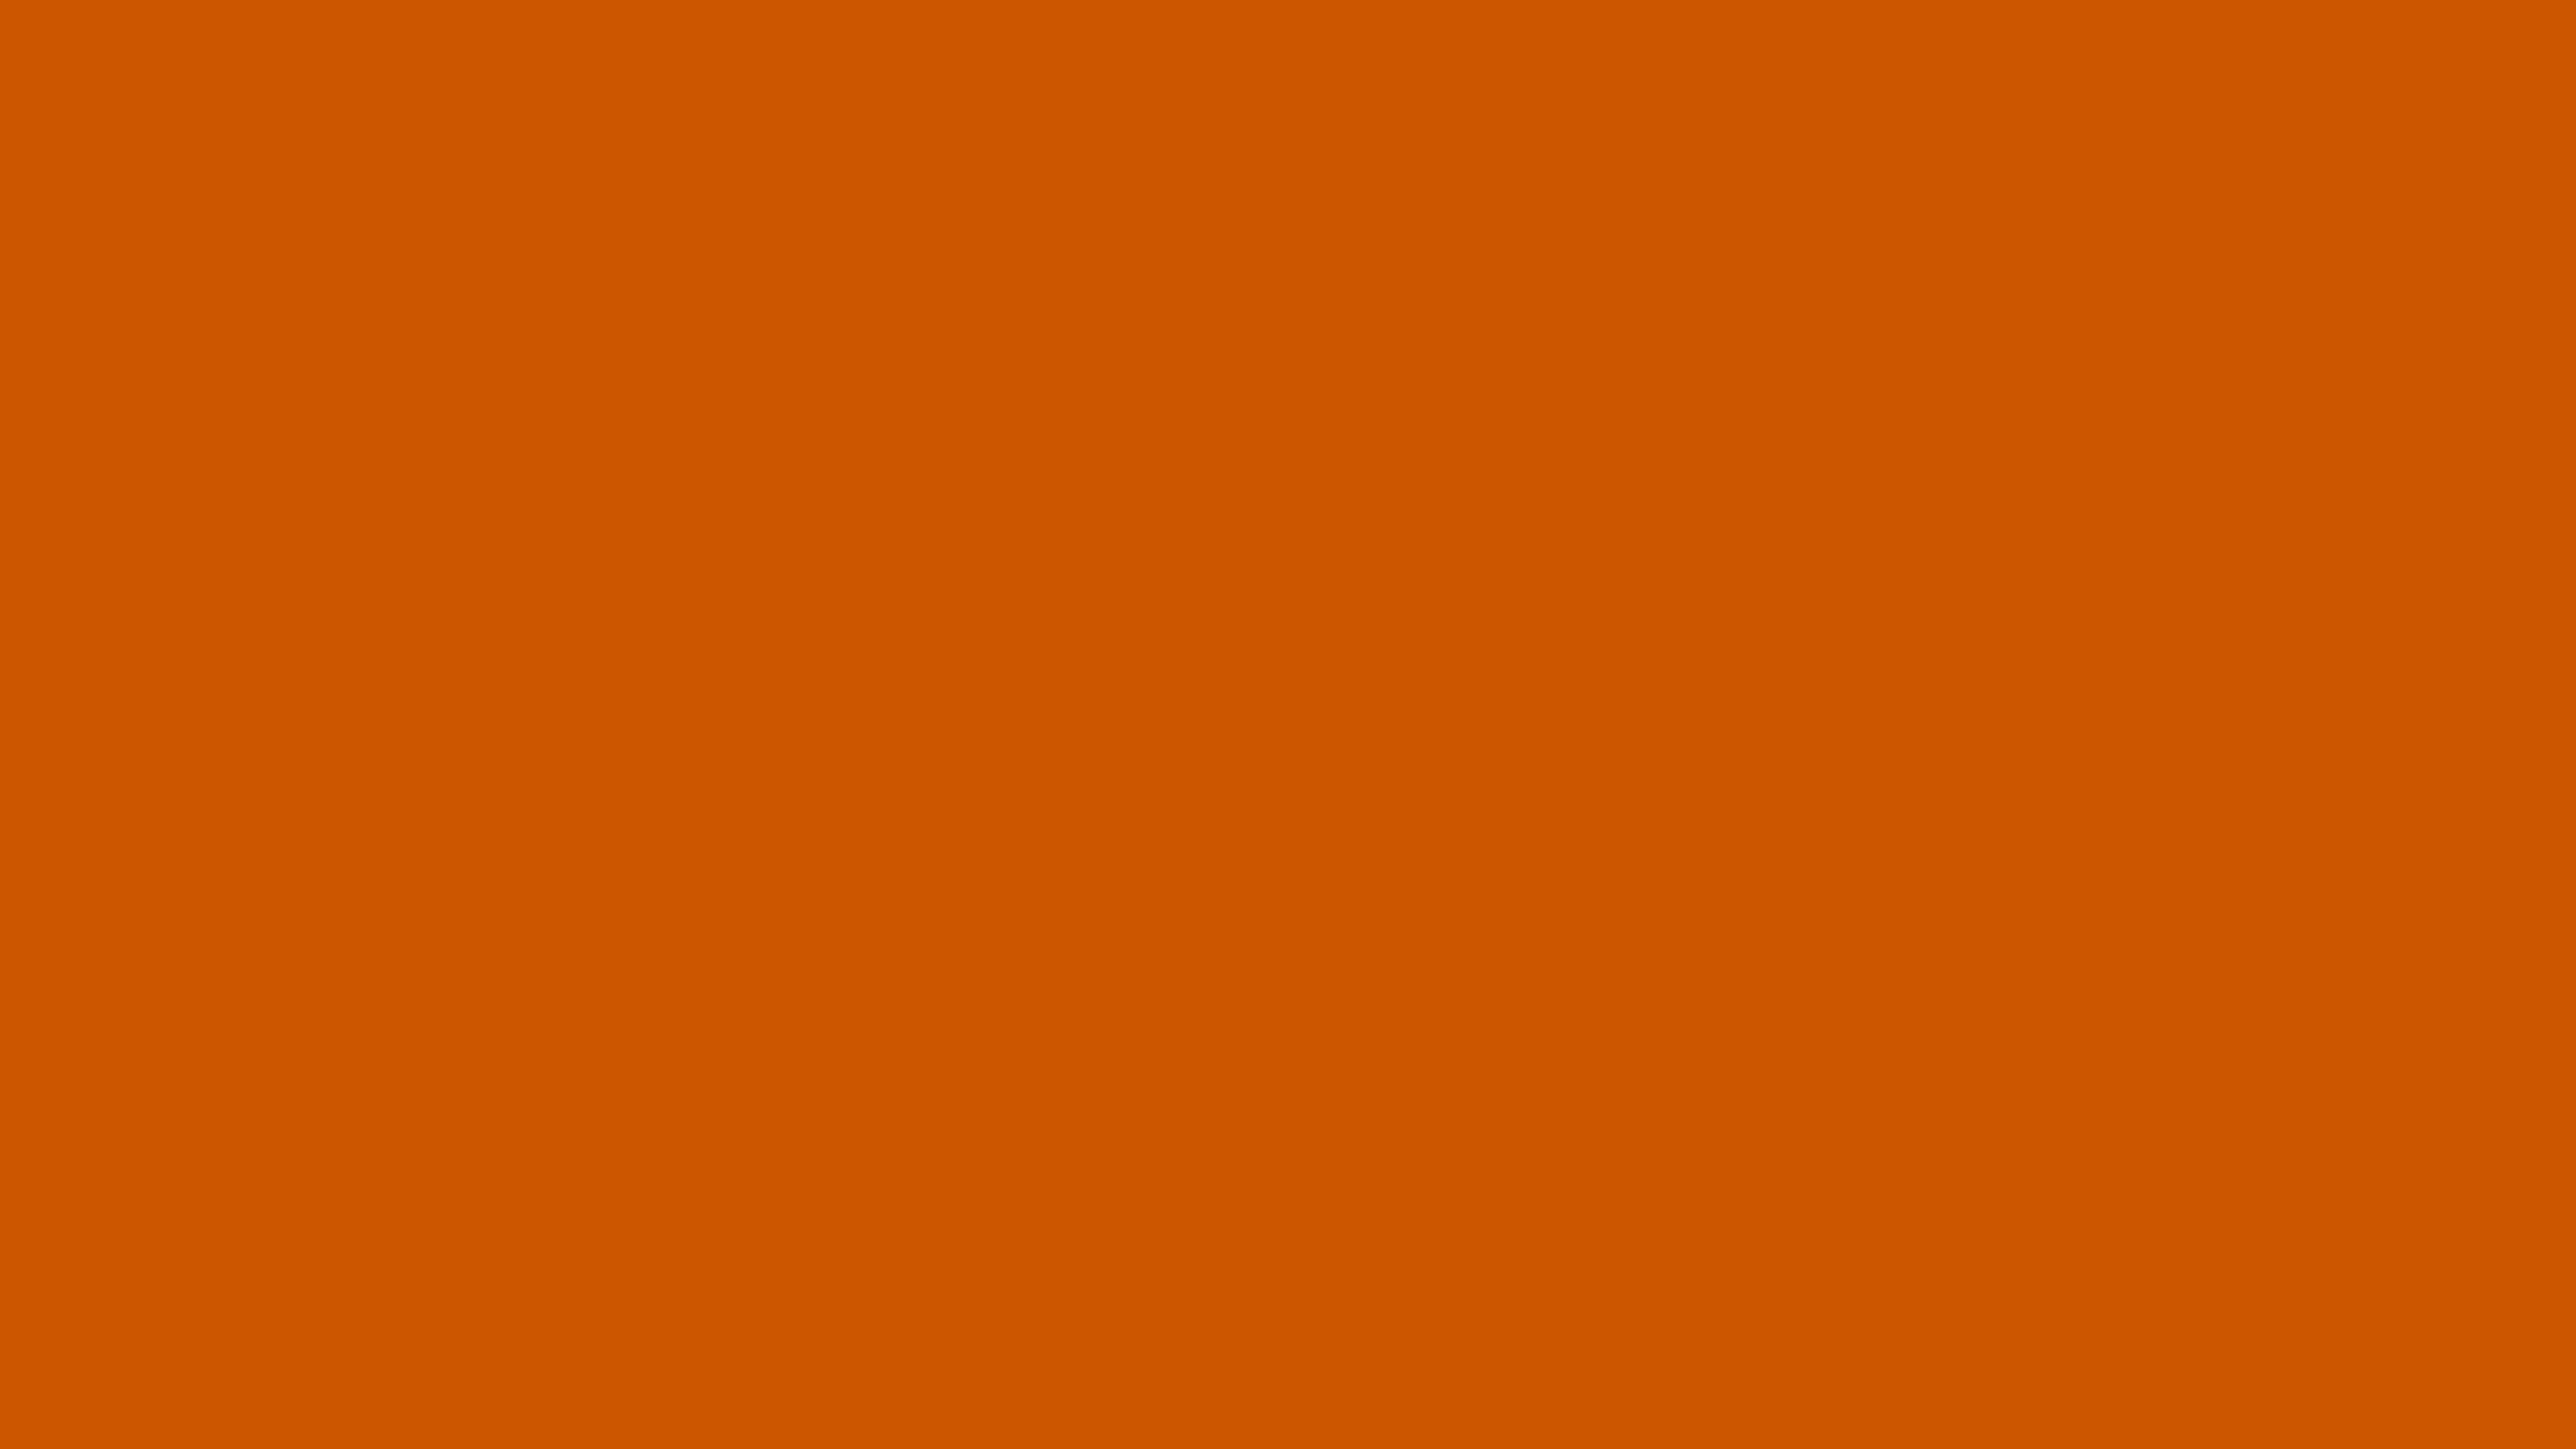 3840x2160 Burnt Orange Solid Color Background